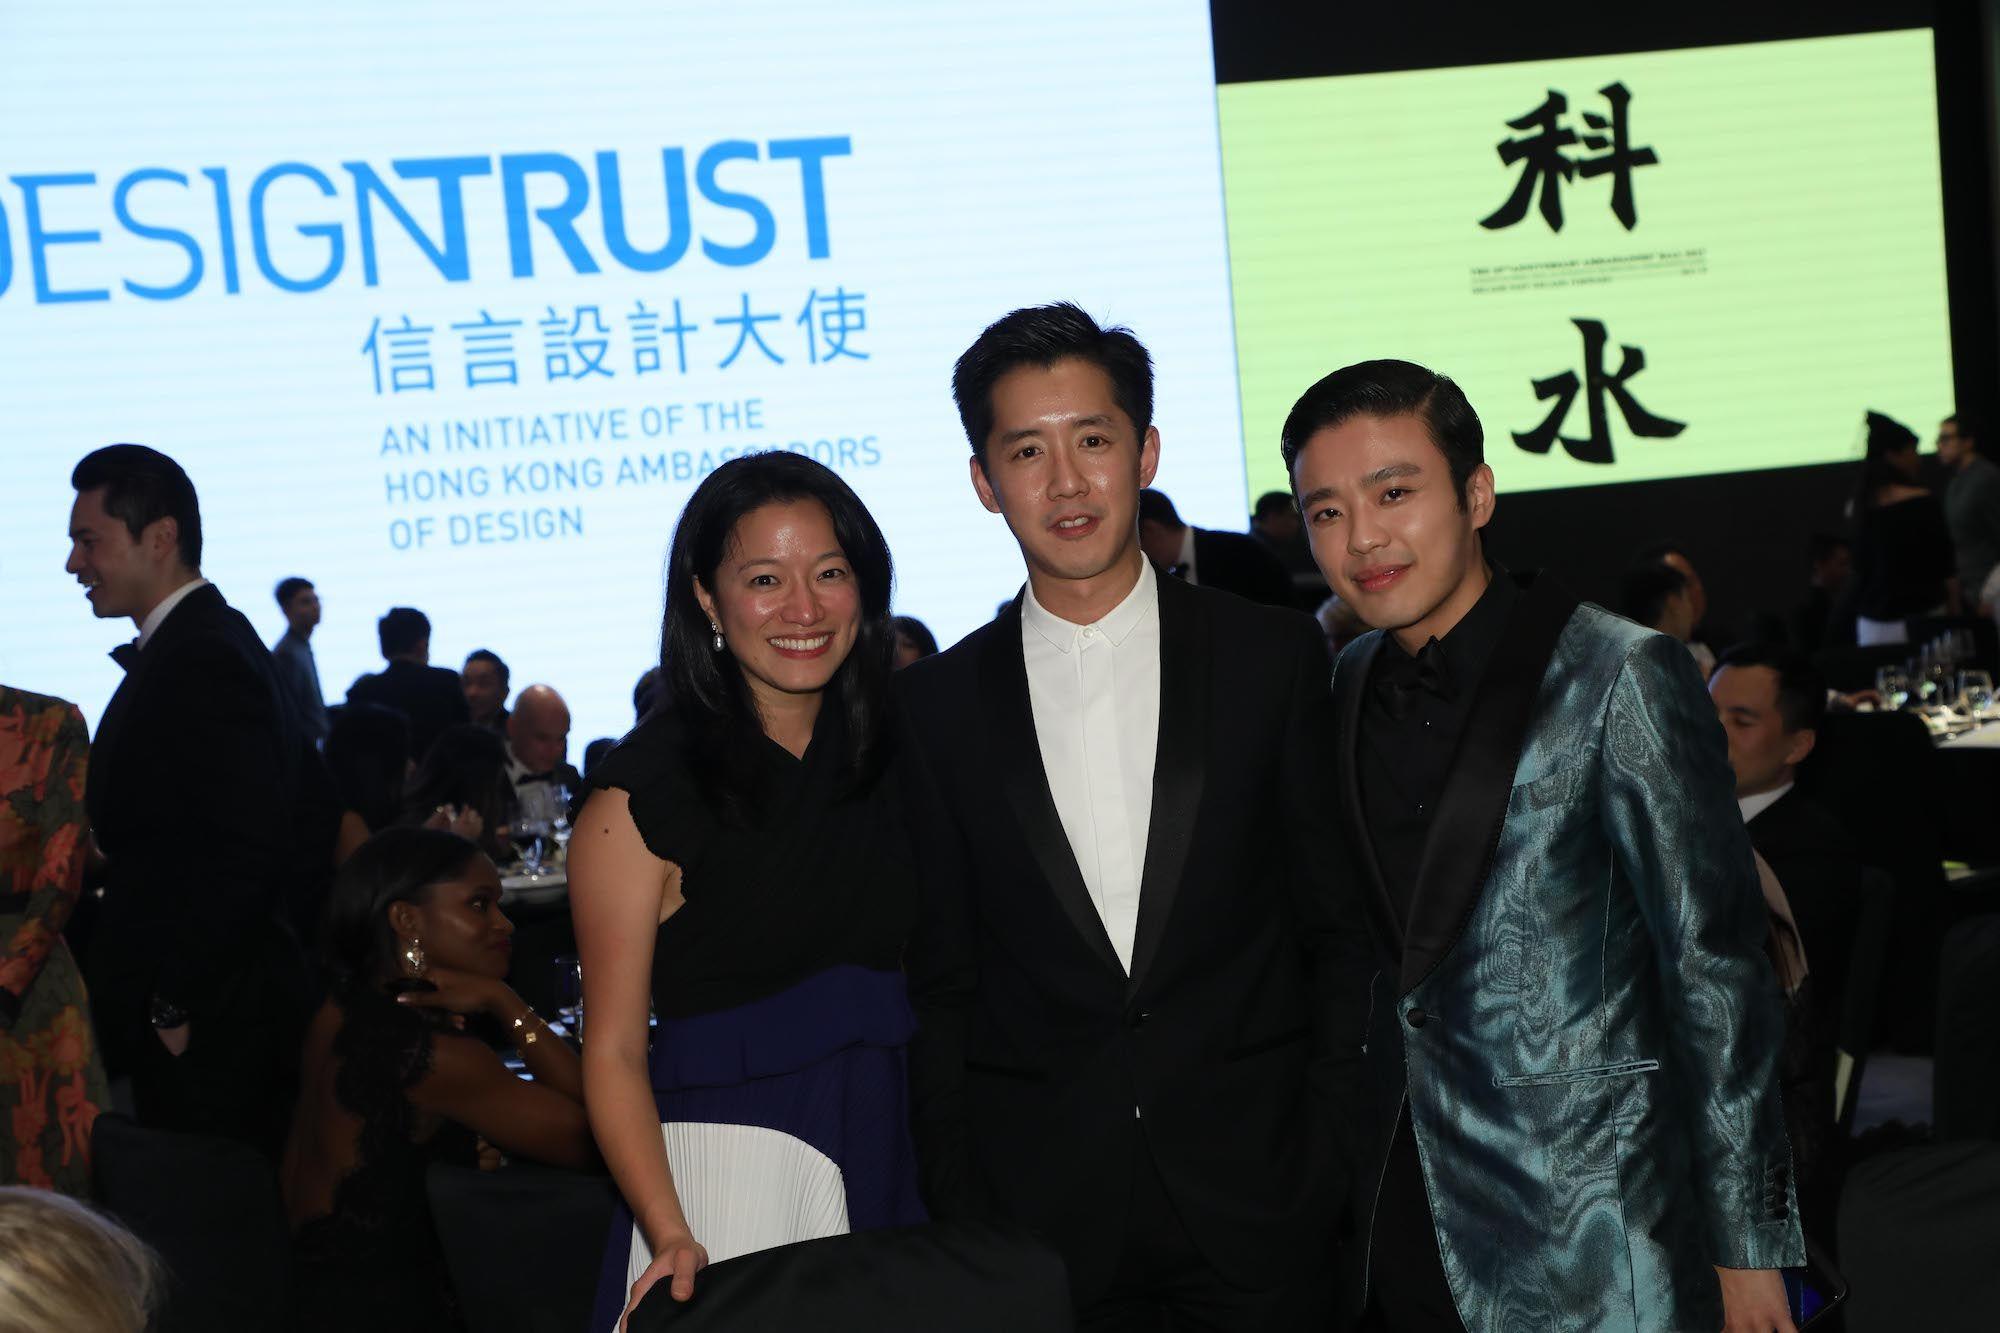 Lilian Kiang, André Fu, Jonathan Cheung